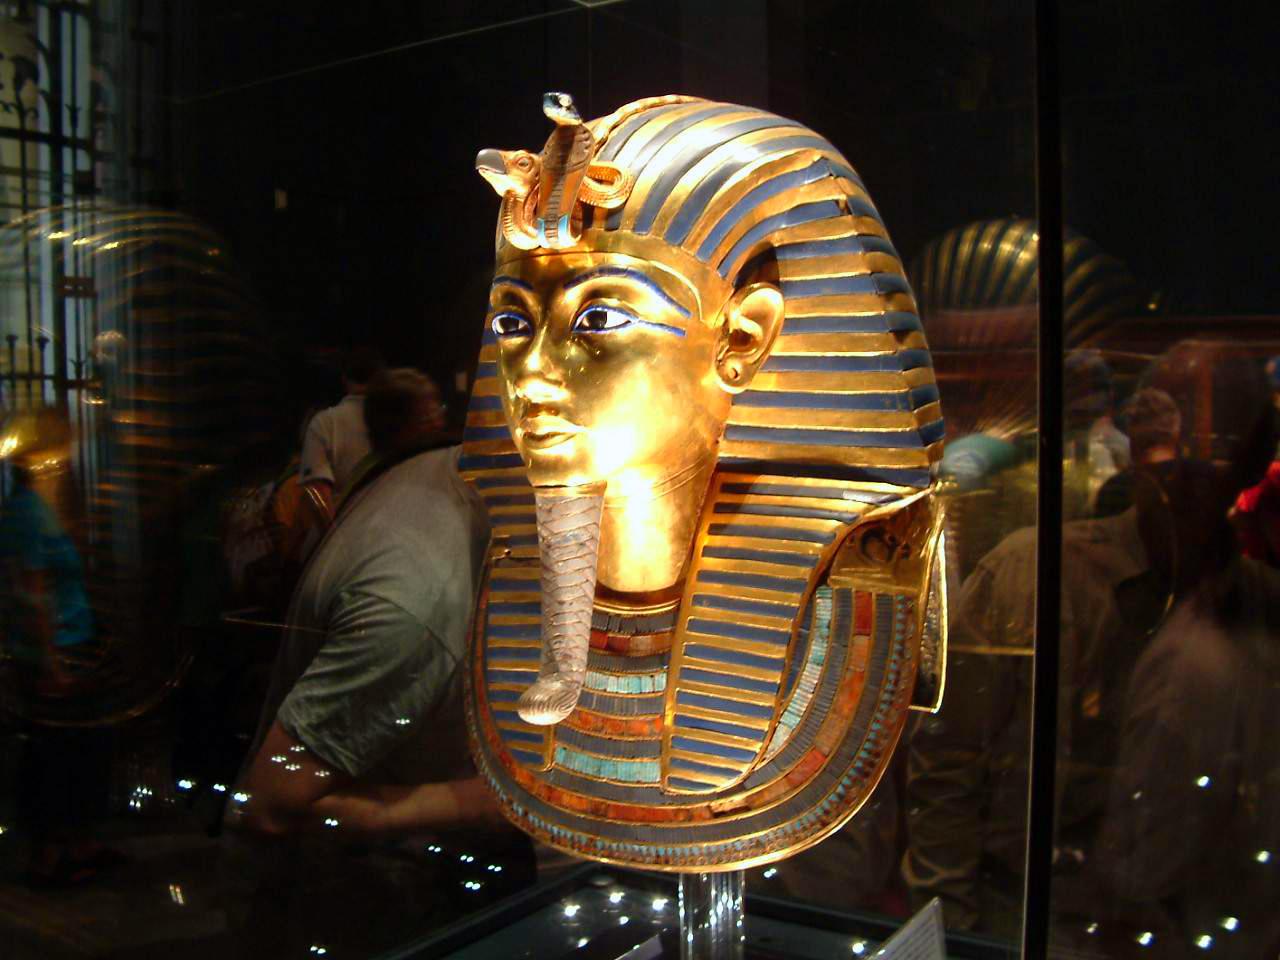 Qué ver en El Cairo, Egipto lugares que visitar en el cairo - 39184087440 e8166a6fcf o - 10+1 lugares que visitar en El Cairo